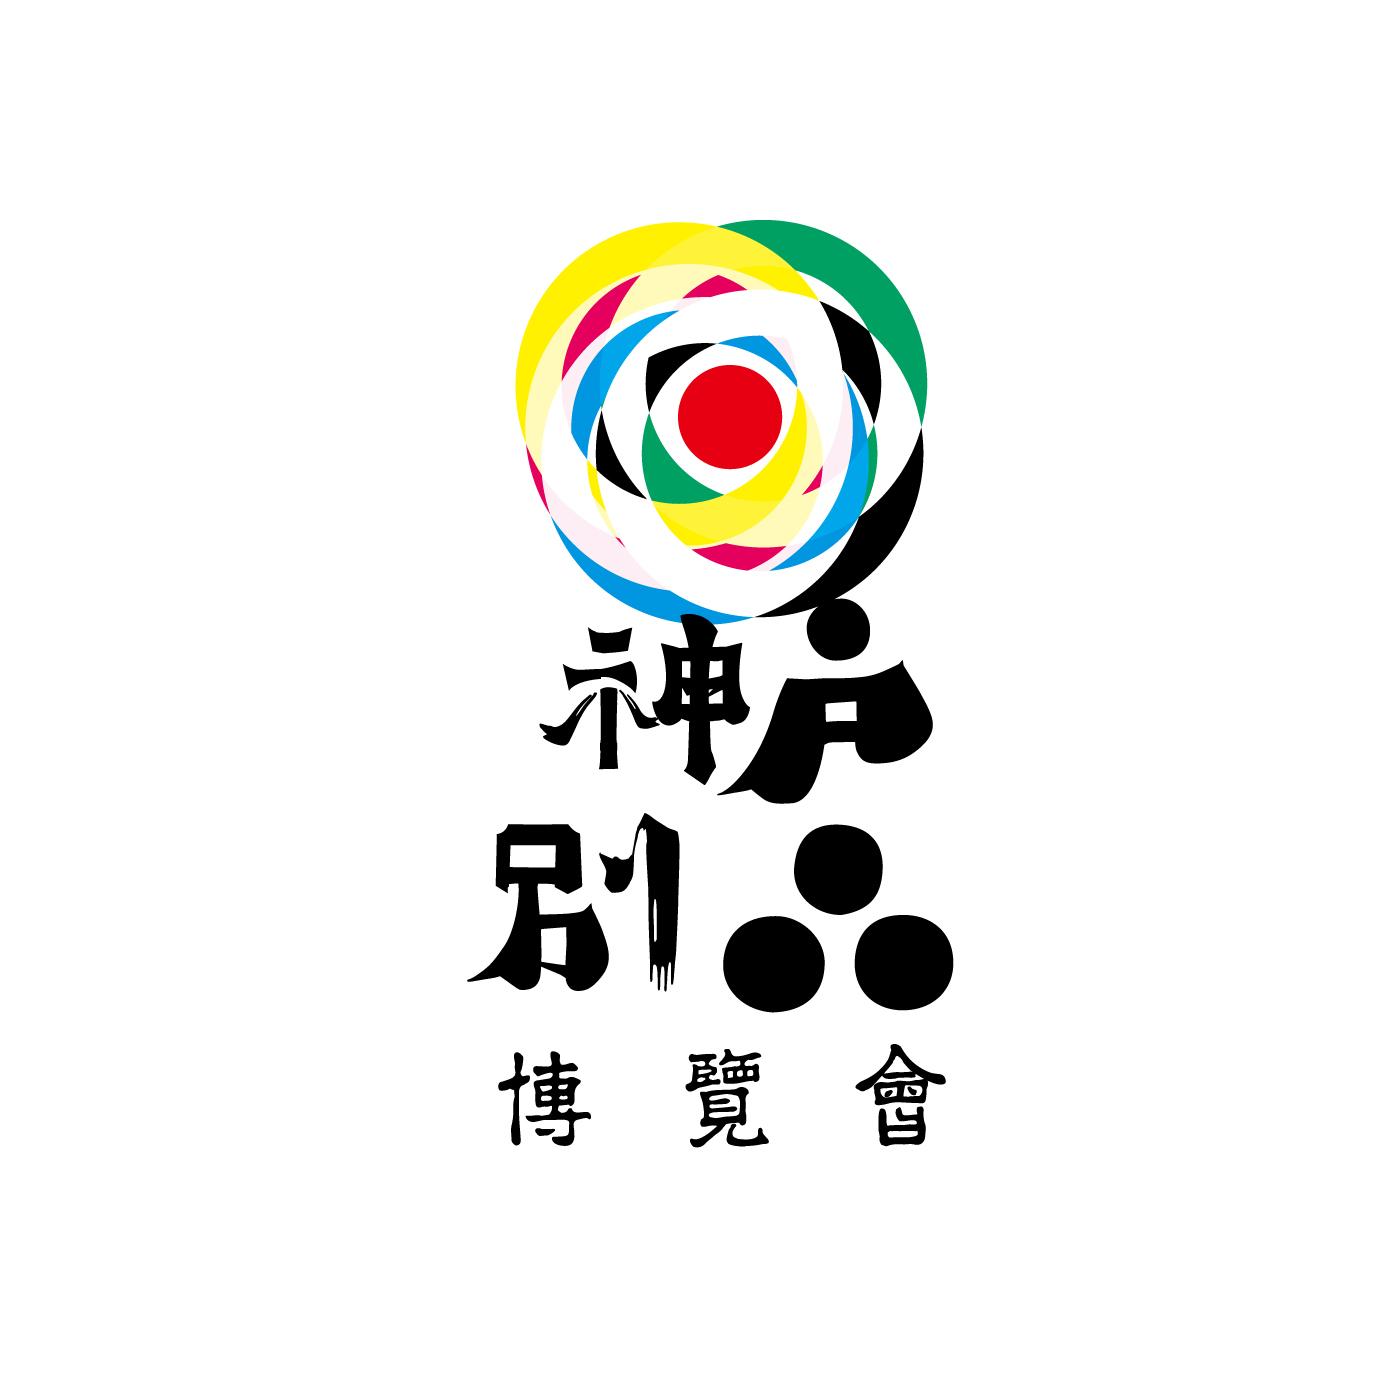 この商品は「神戸別品博覧会」のために開発されました。